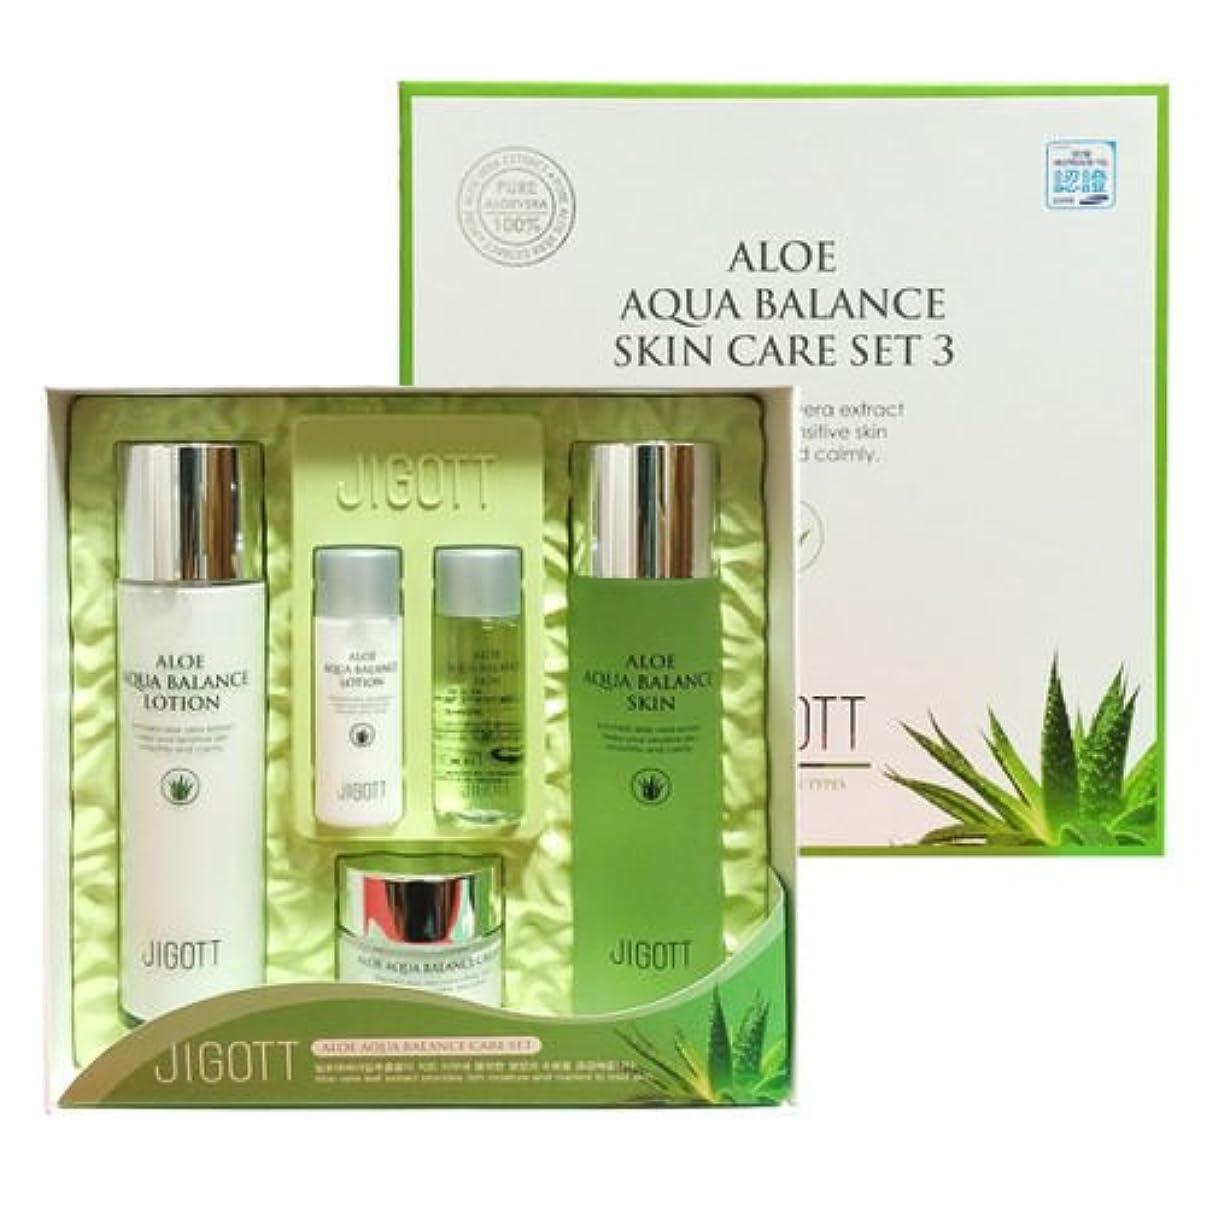 カエル作物ボルトジゴトゥ[韓国コスメJigott]Aloe Aqua Balance Skin Care 3 Set アロエアクアバランススキンケア3セット樹液,乳液,クリーム [並行輸入品]